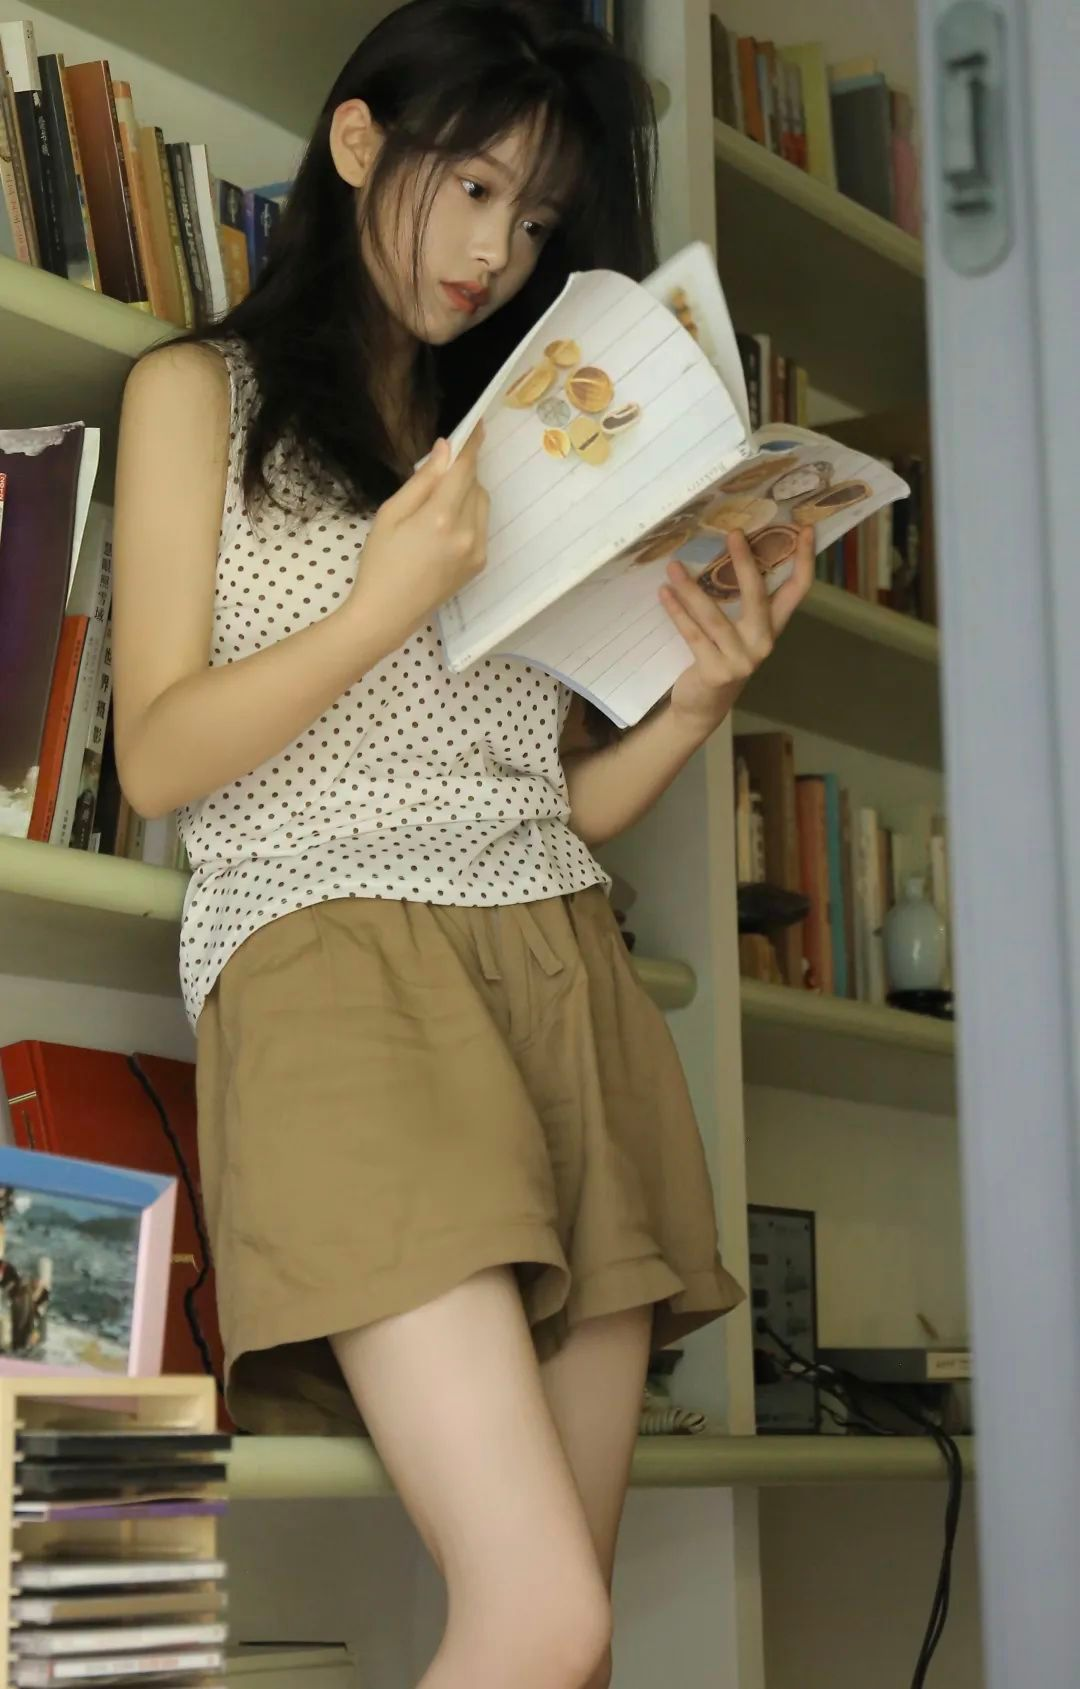 妹子摄影 – 波点t恤少女与镜中人比美_图片 No.2